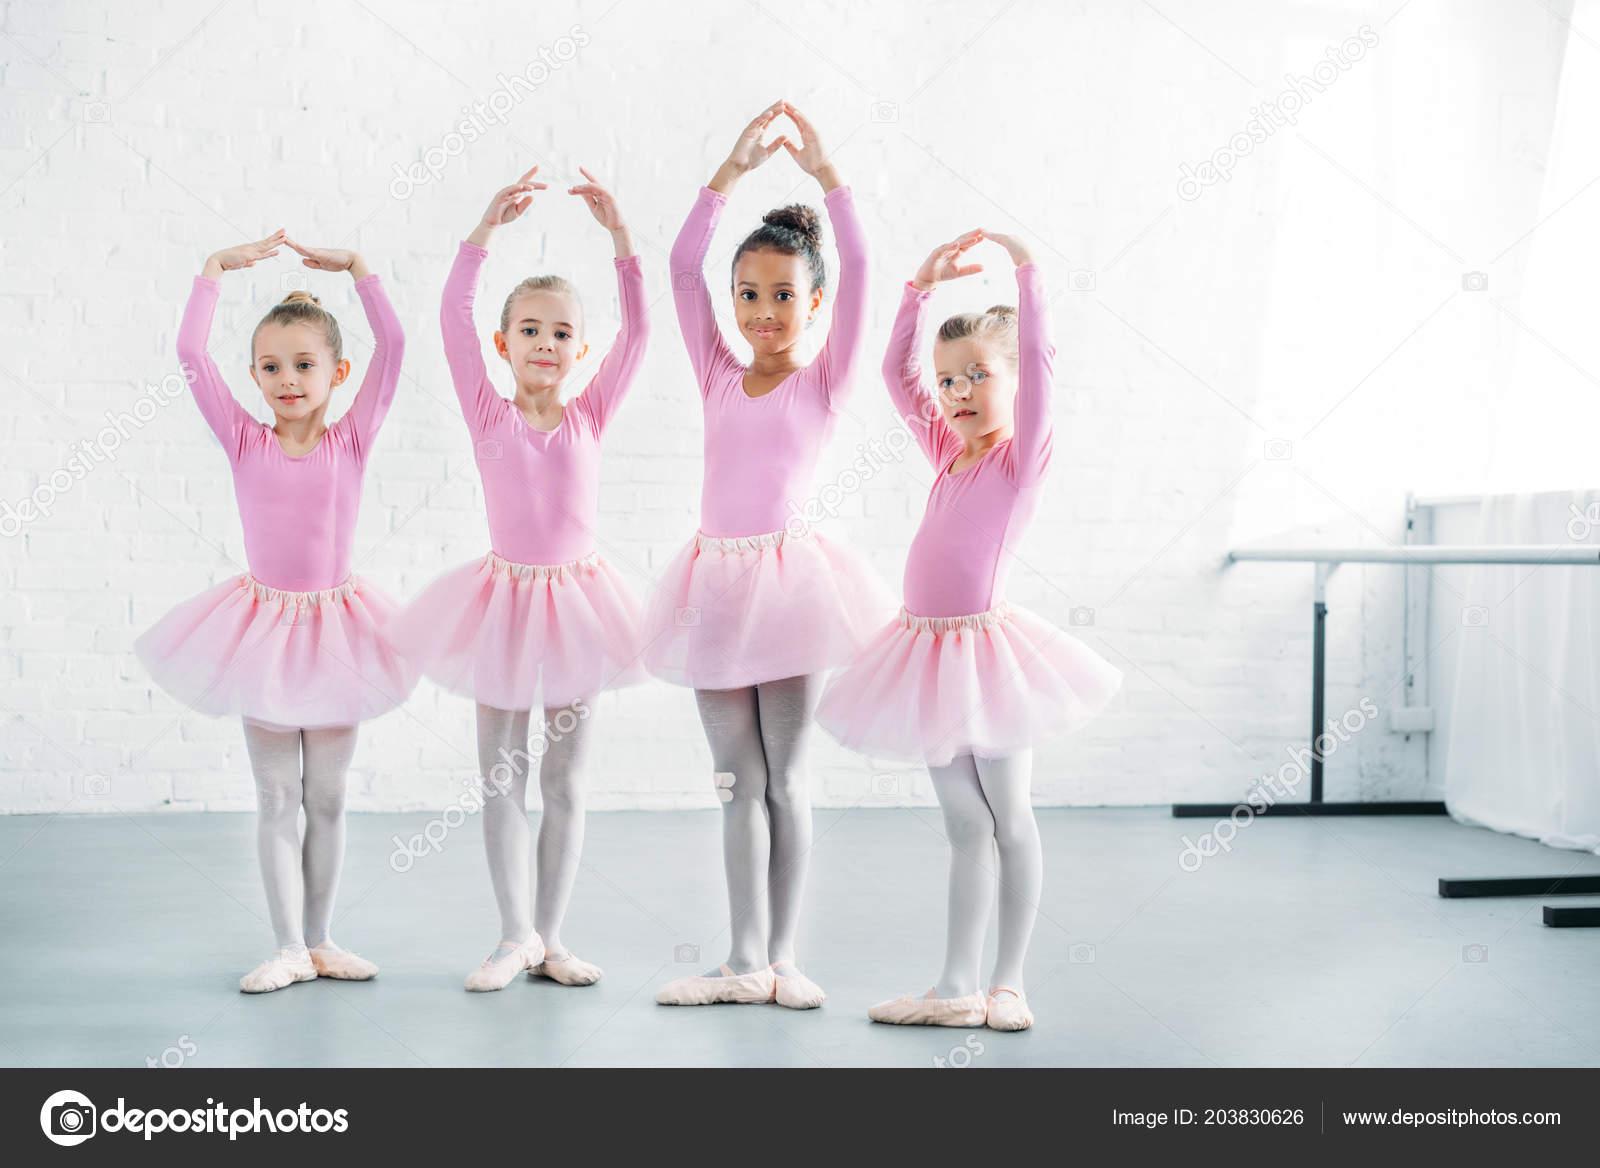 a3c62d0c87b Όμορφα Πολυεθνική Παιδιά Ροζ Τουτού Φούστες Μπαλέτου Ενεργεία Μαζί — Φωτογραφία  Αρχείου